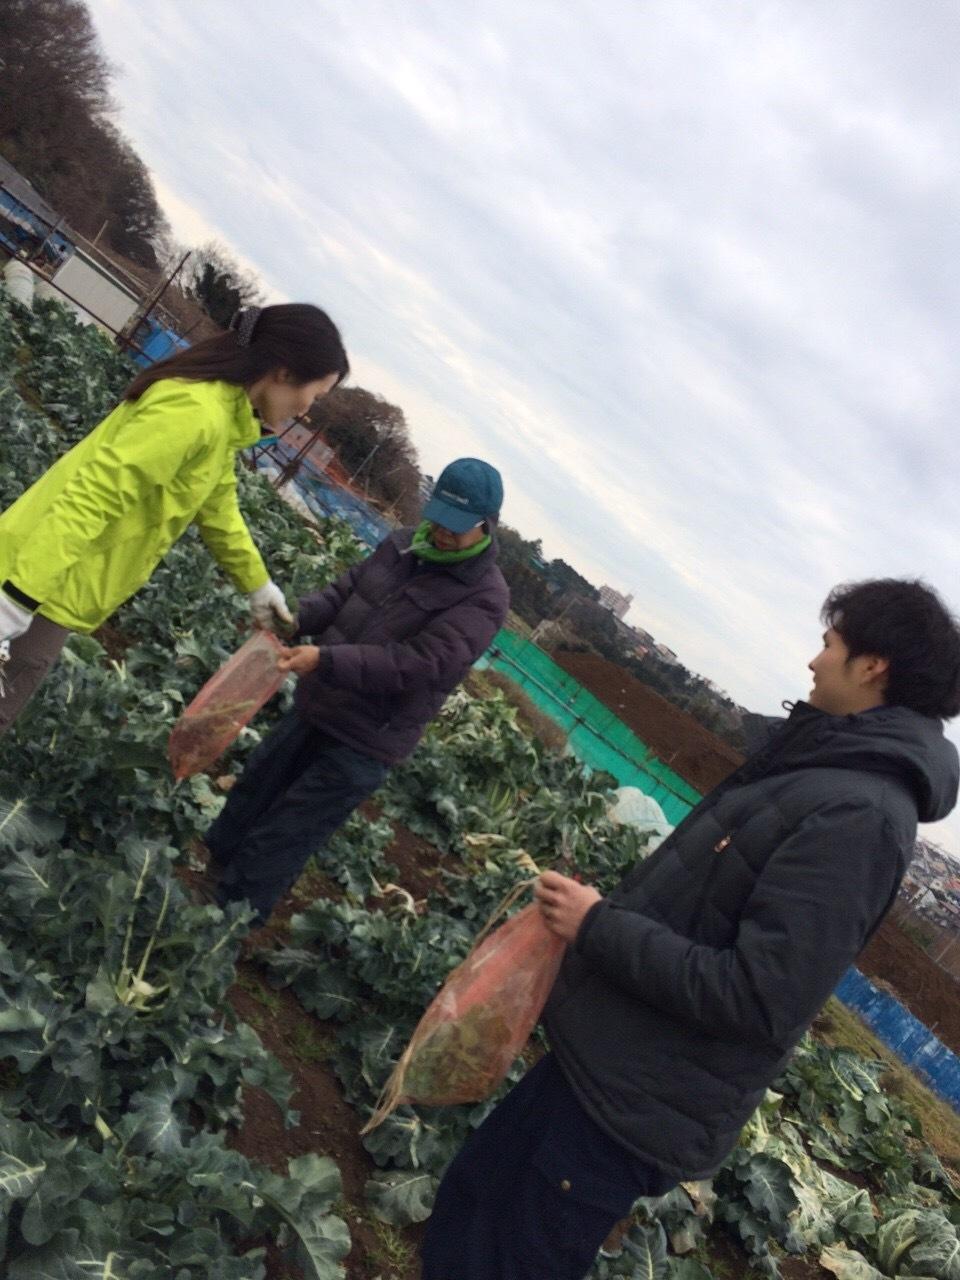 本日は総勢5名 各野菜順調に収穫しました _c0222448_19323770.jpg